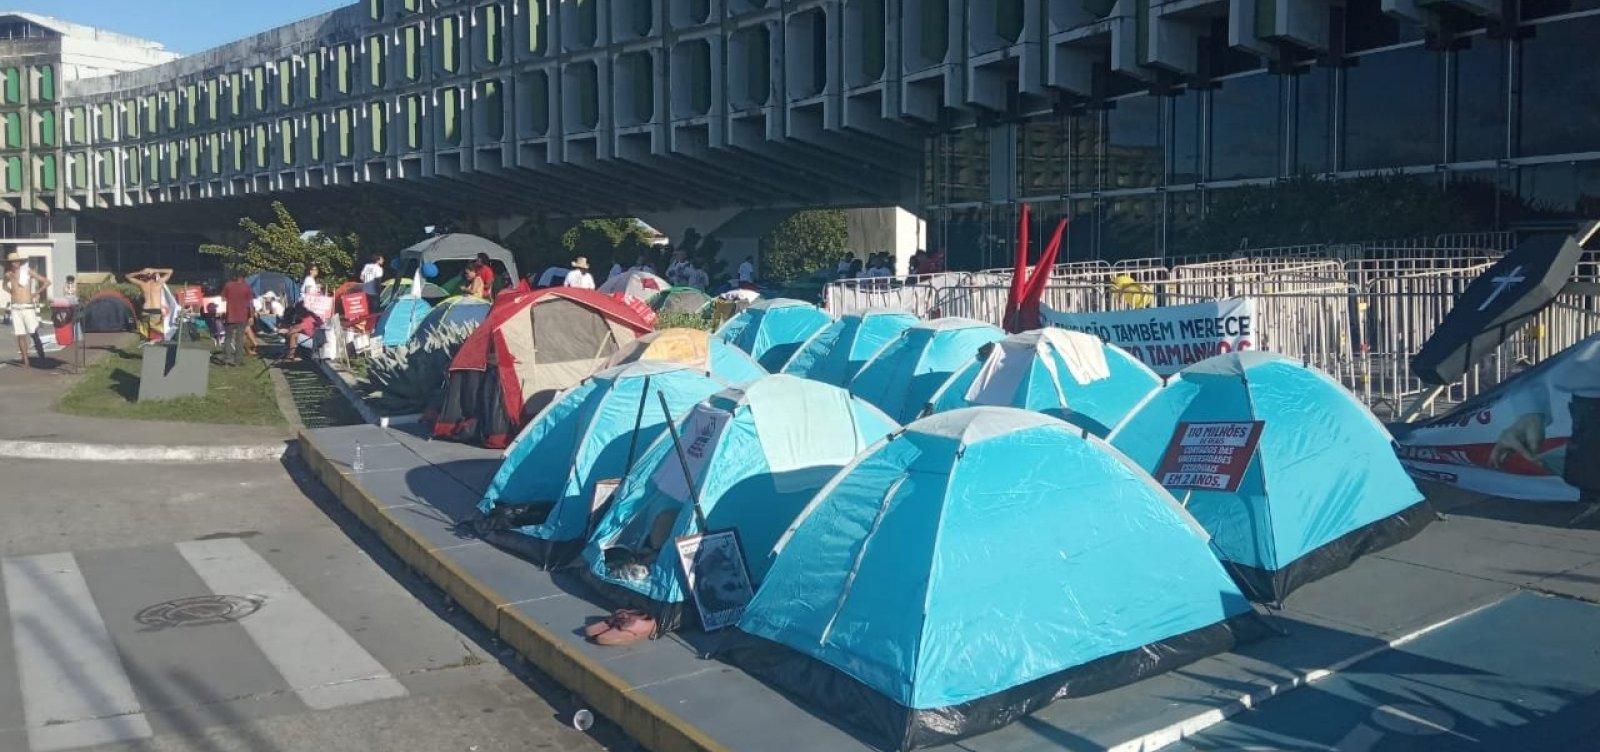 [Após aprovar continuidade da greve, professores acampam em frente à Secretaria da Educação]